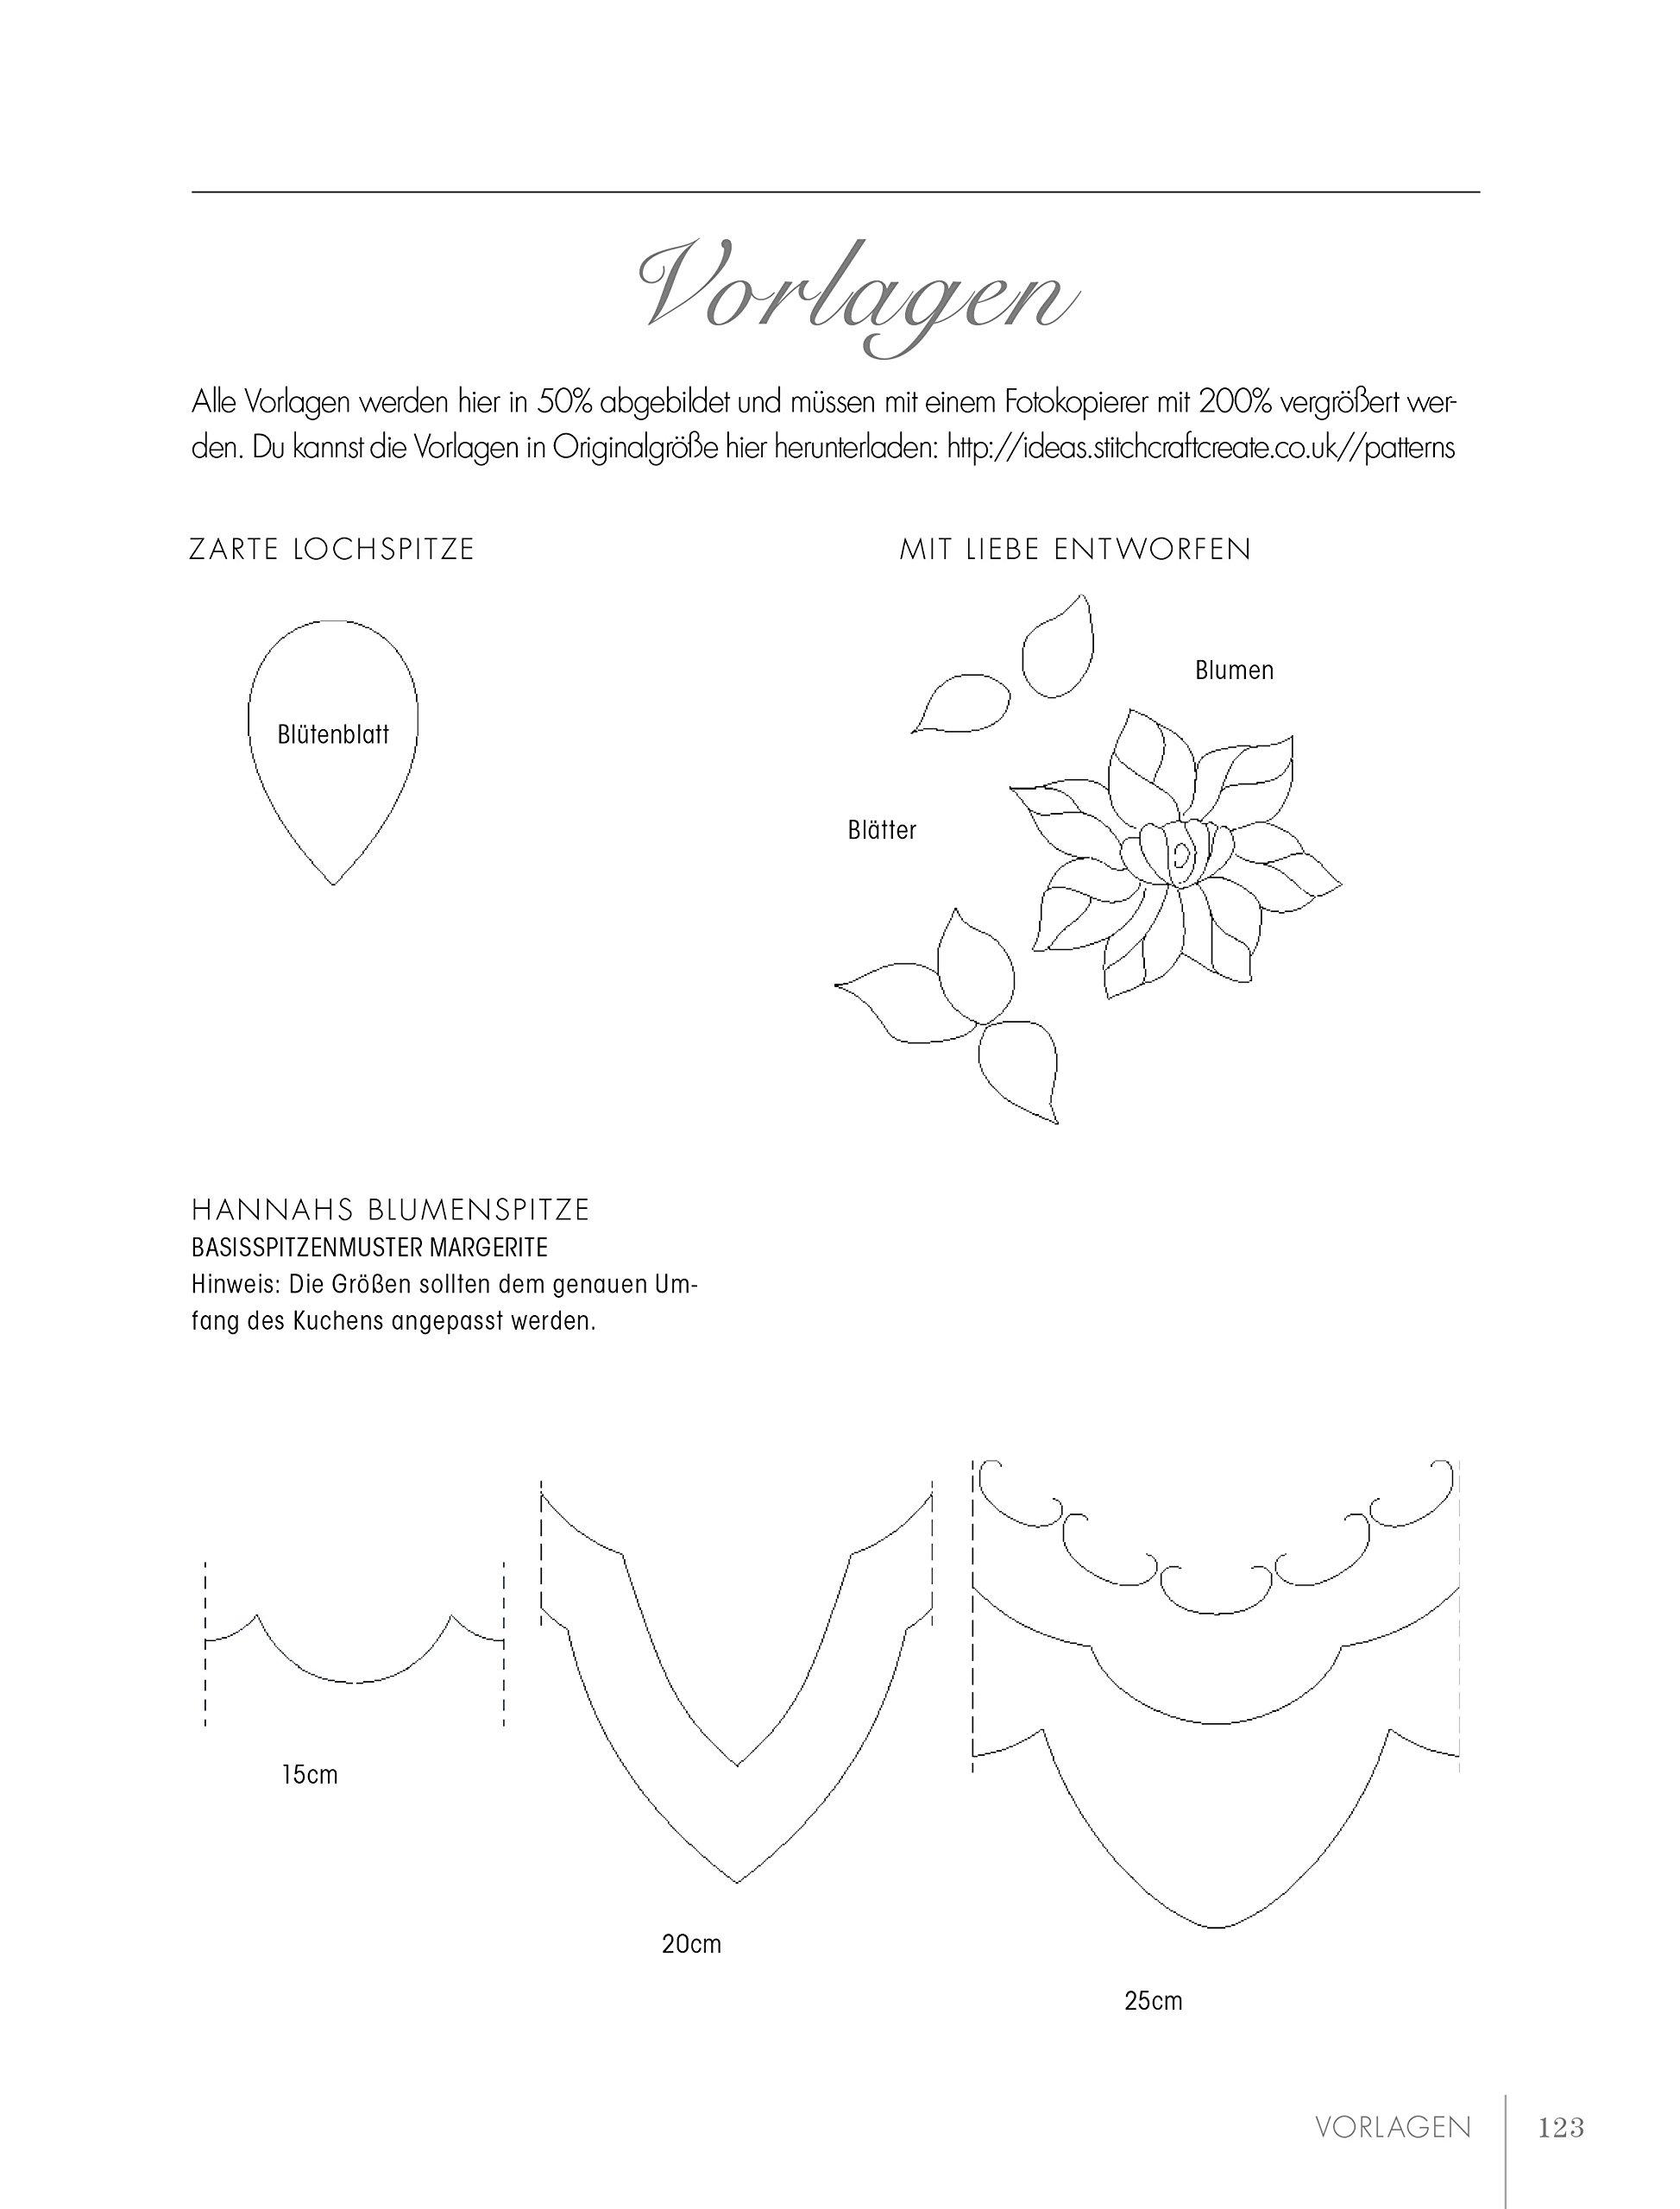 Wunderbar Preiszertifikat Vorlagen Wort Ideen - Beispiel ...